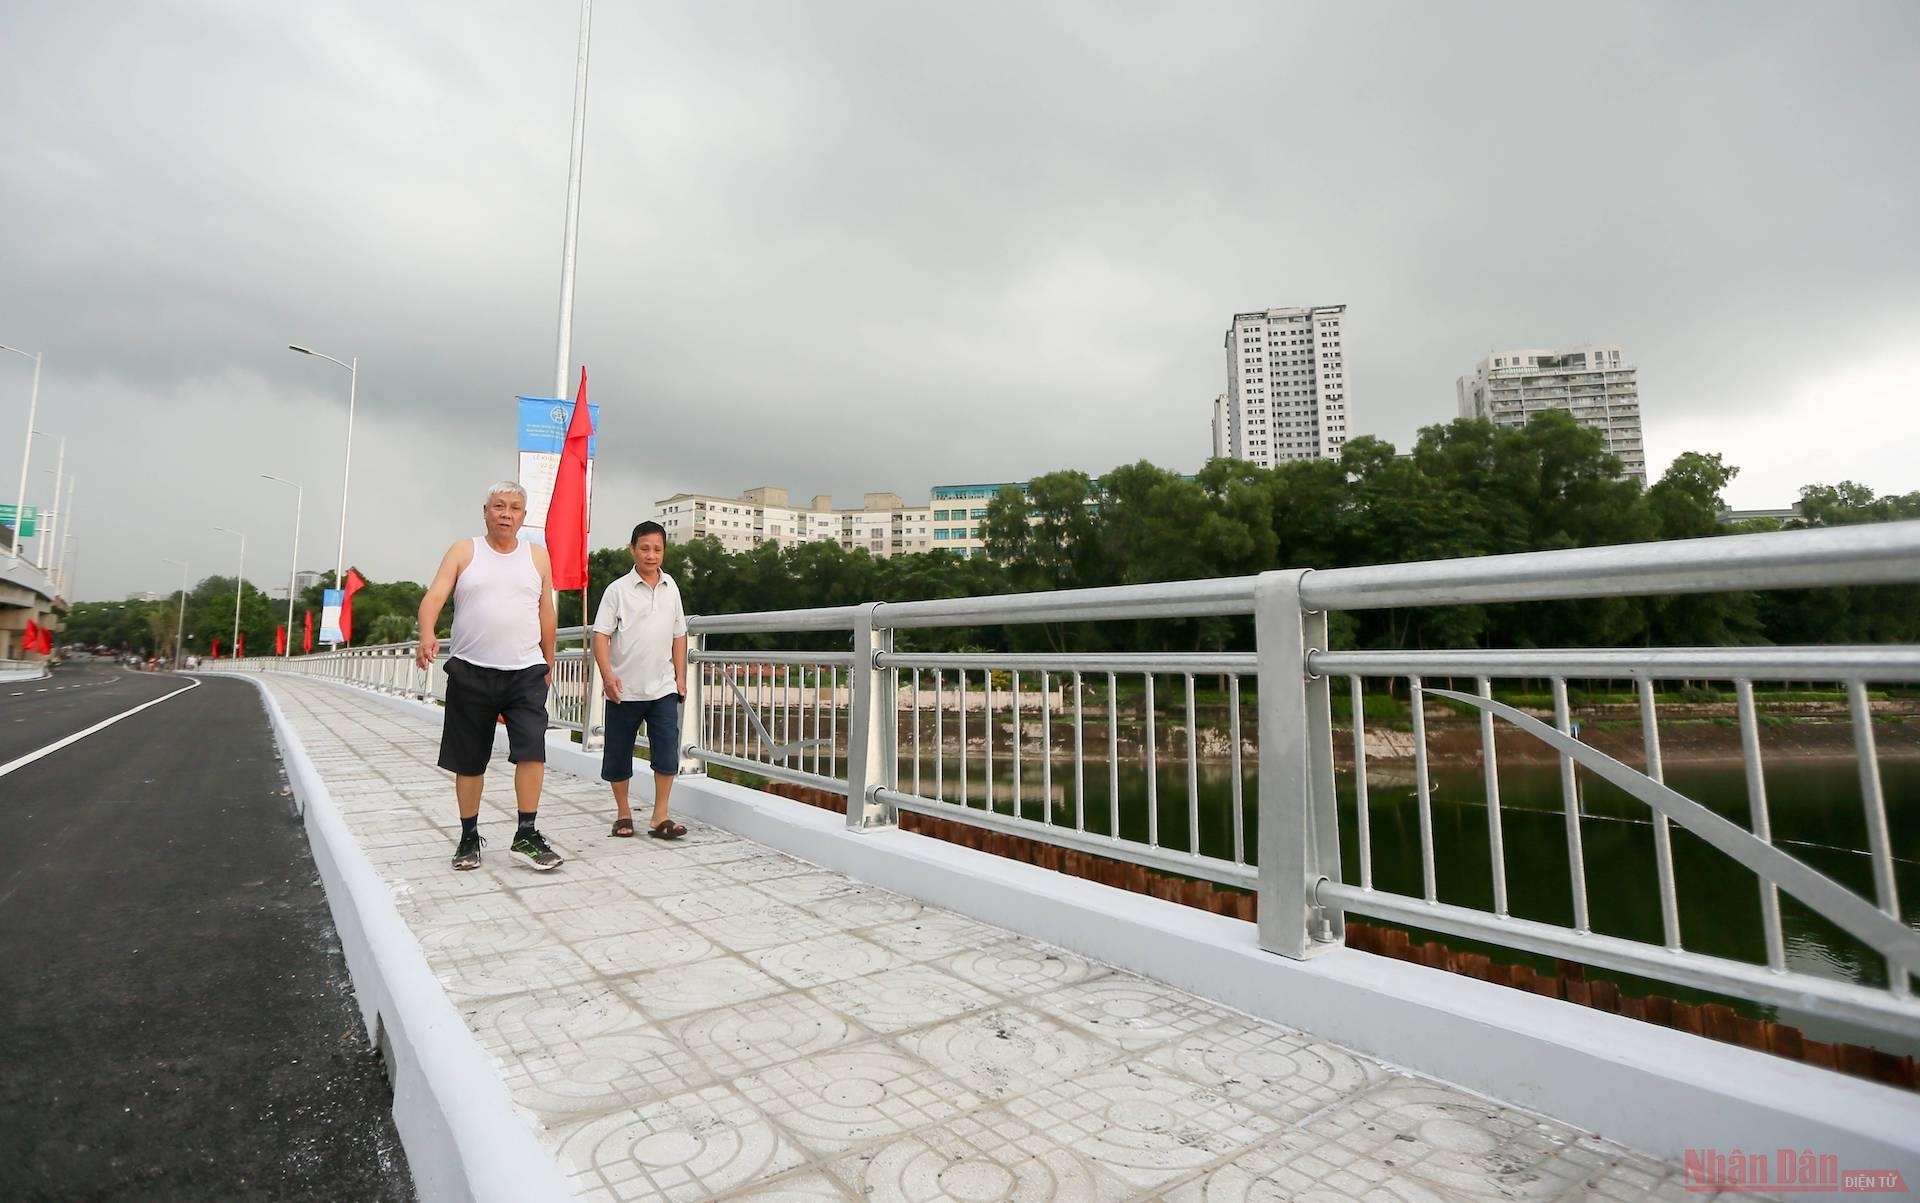 Cận cảnh cầu vượt thấp hồ Linh Đàm trước ngày khánh thành -0